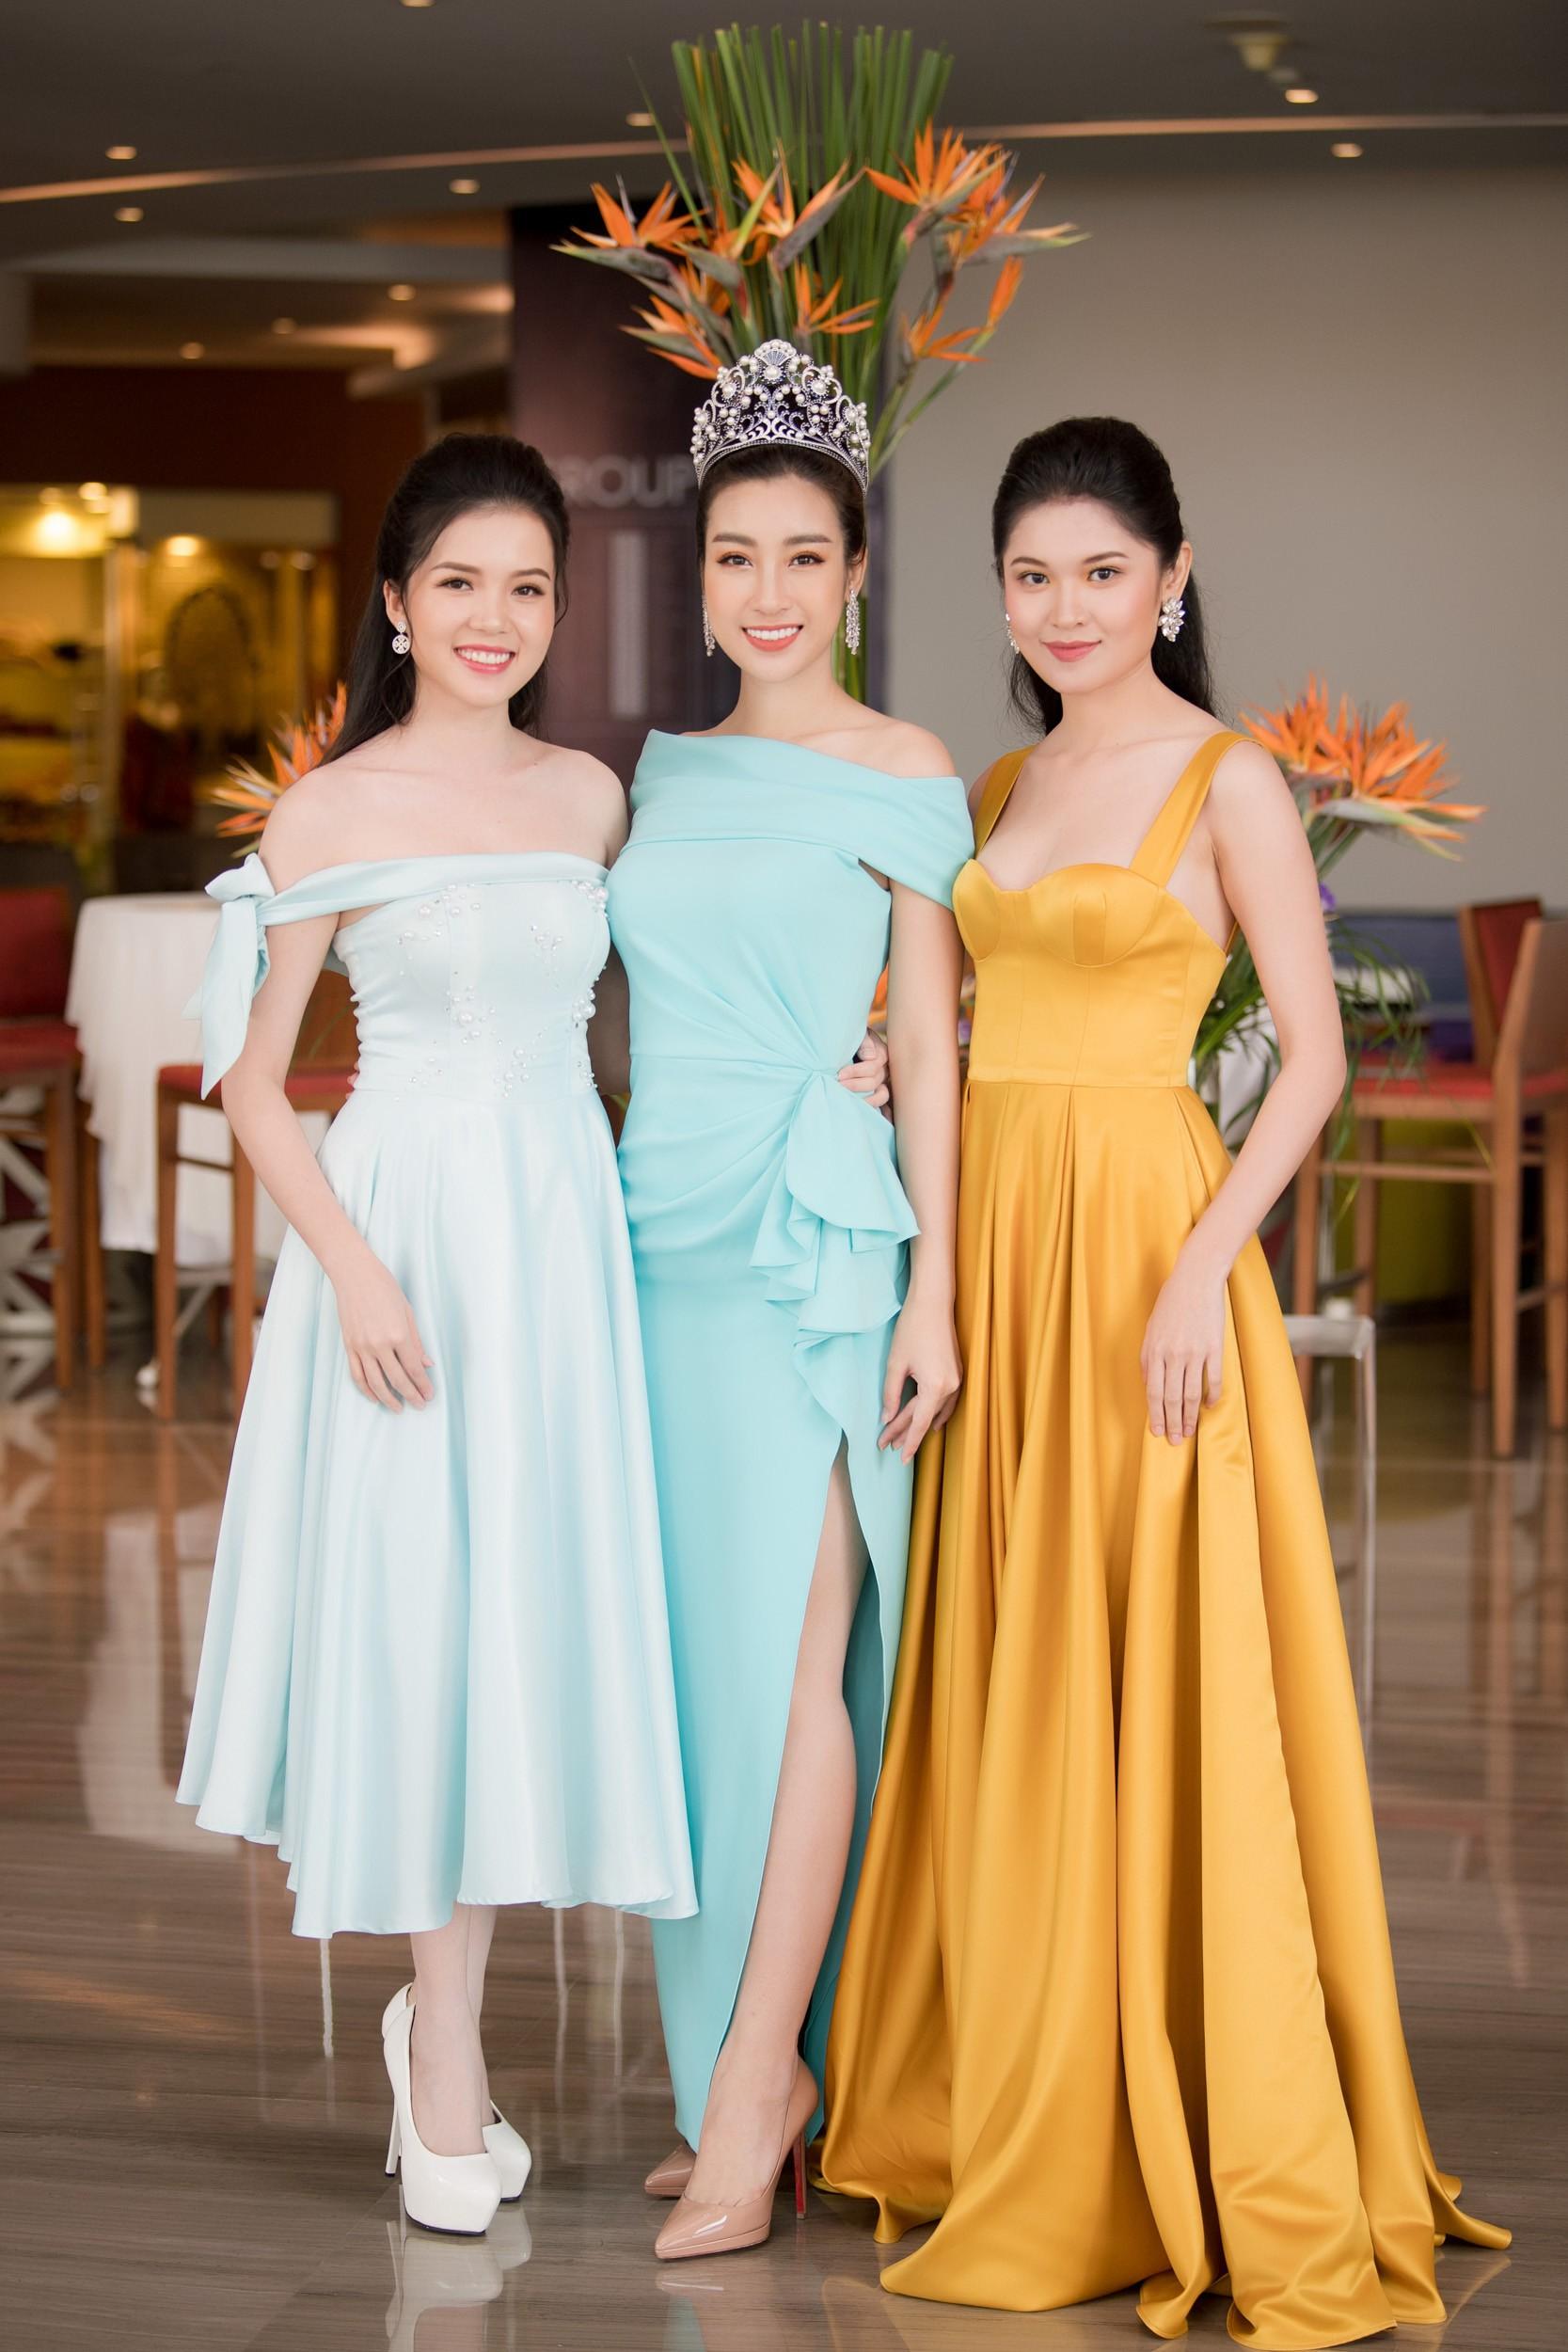 Hoa hậu Việt Nam 2018 mời bác sĩ nha khoa, nhân trắc học nhiều lần tránh để lọt thí sinh phẫu thuật thẩm mỹ - Ảnh 5.